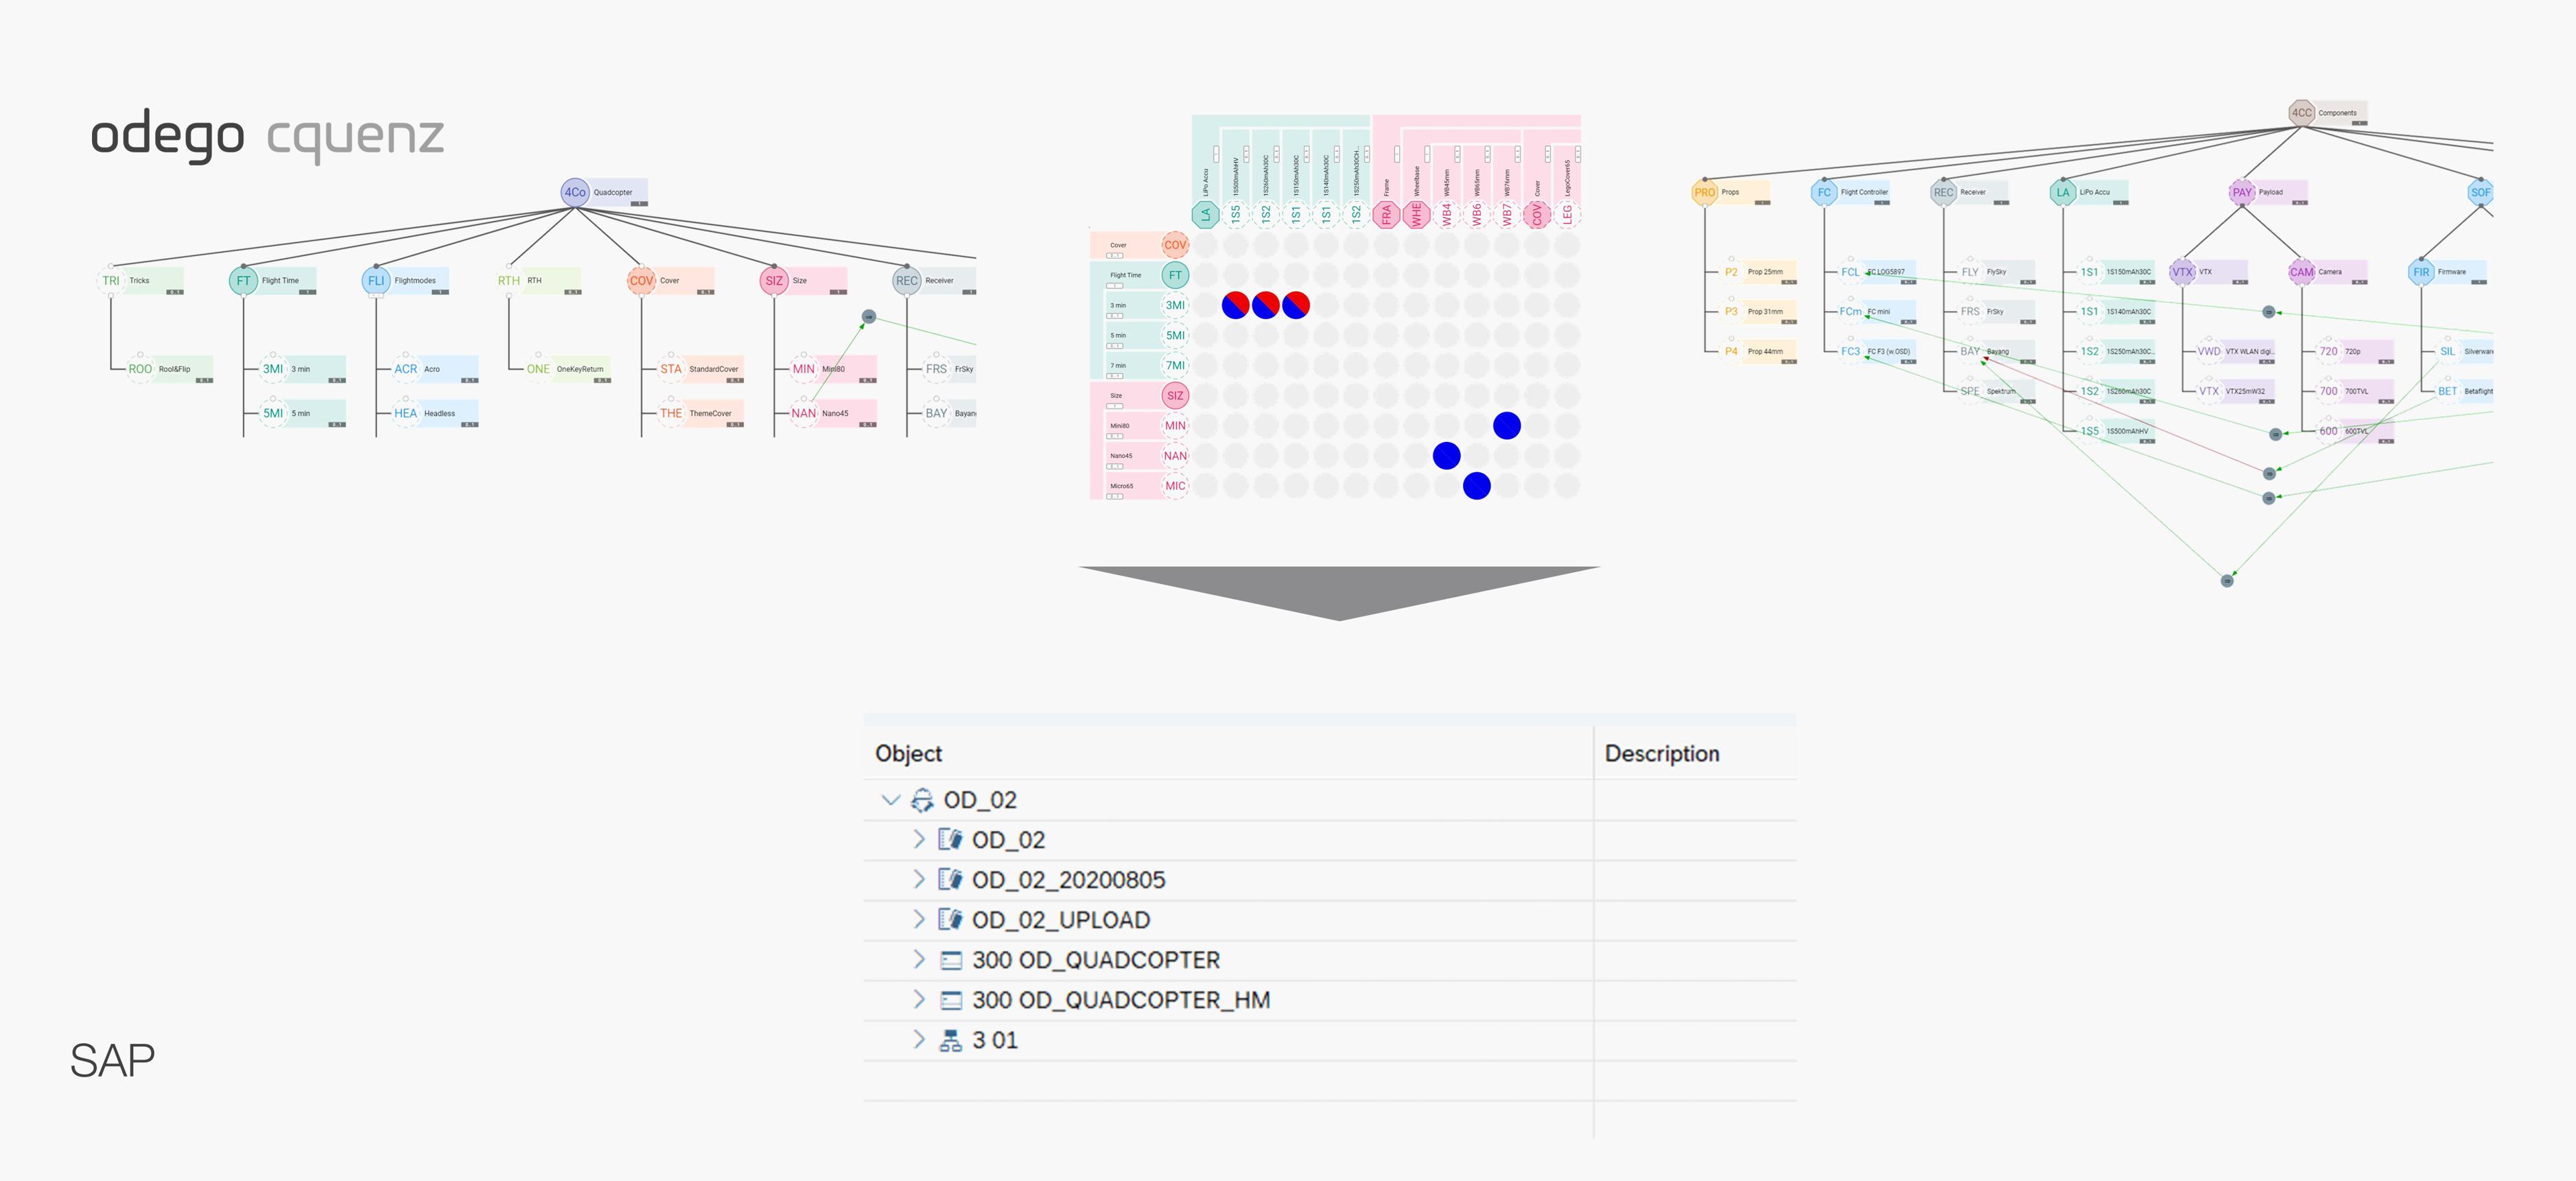 Das im Rahmen der Produktkonzipierung erarbeitete Wissen lässt sich anschließend in die Variantenkonfiguration überführen.